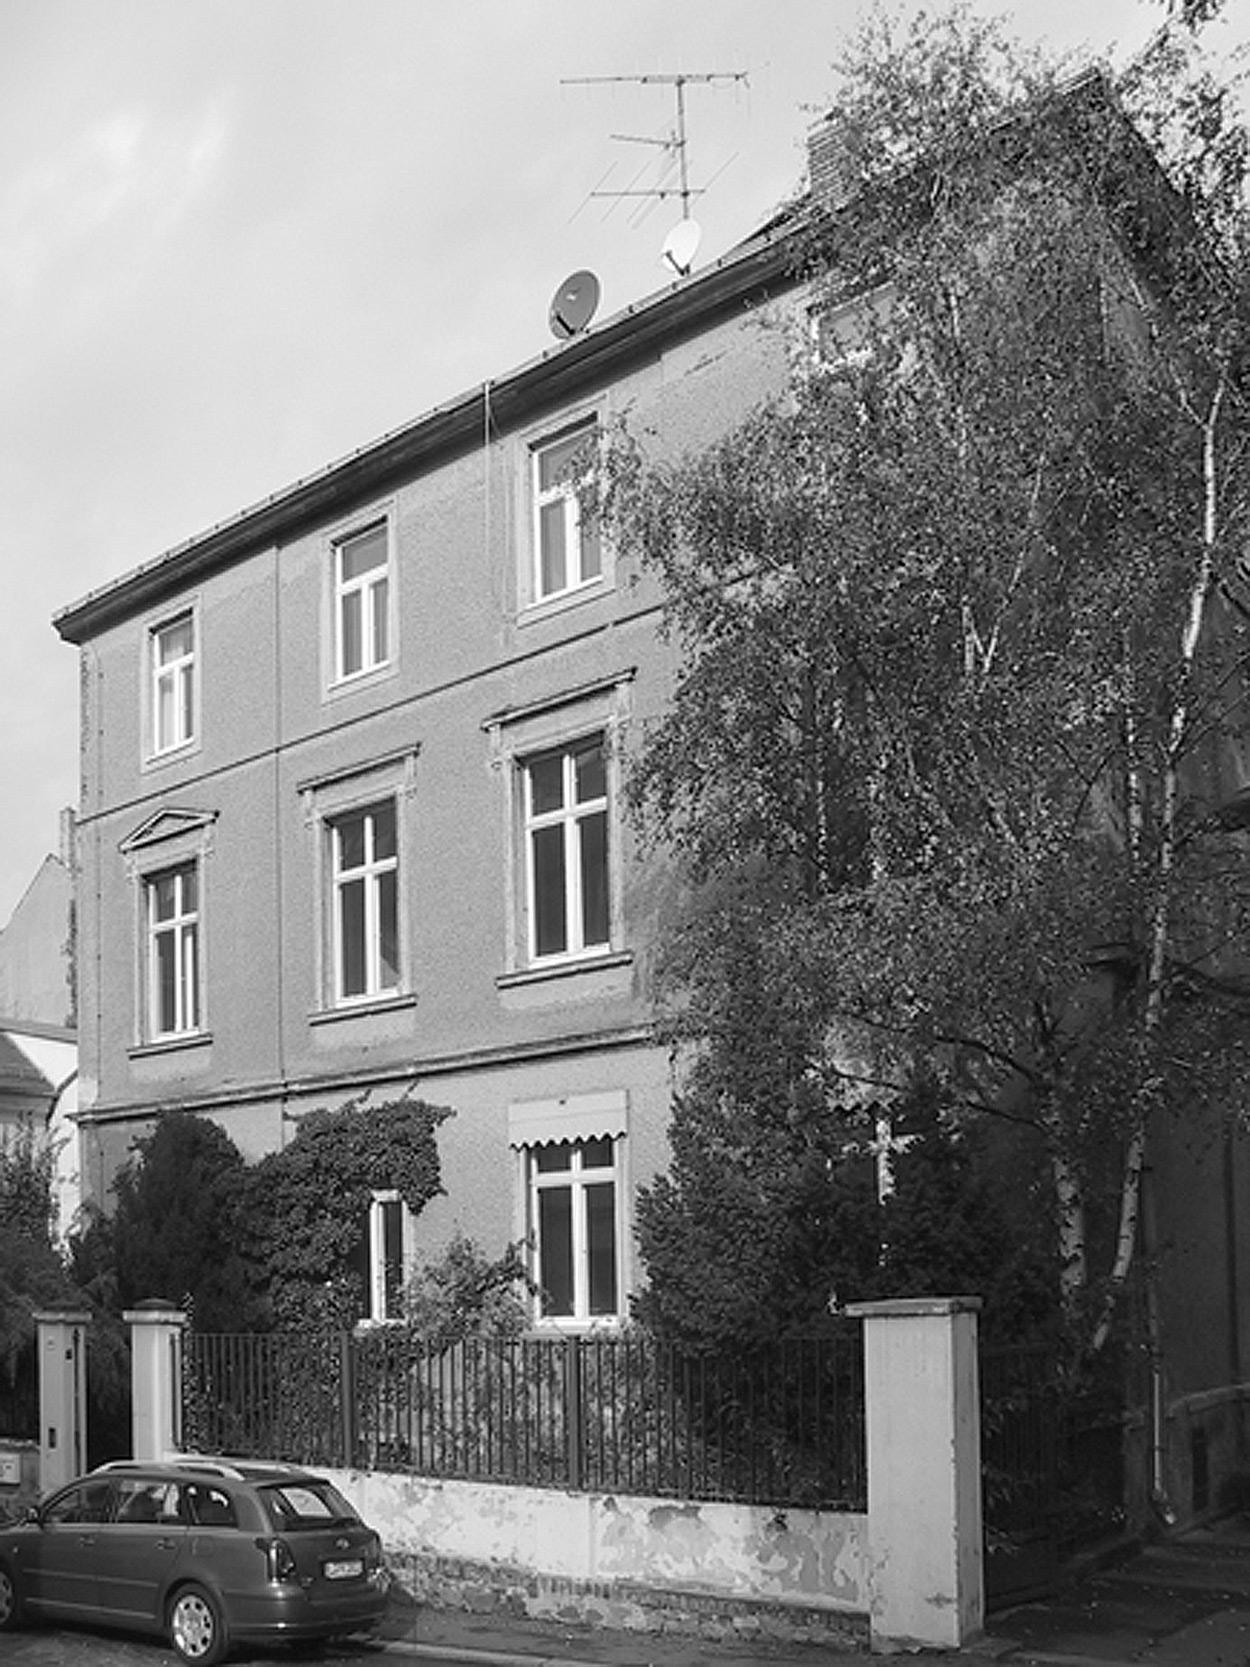 Zustand des Wohnhauses vor Baubeginn in abrissreifem Zustand